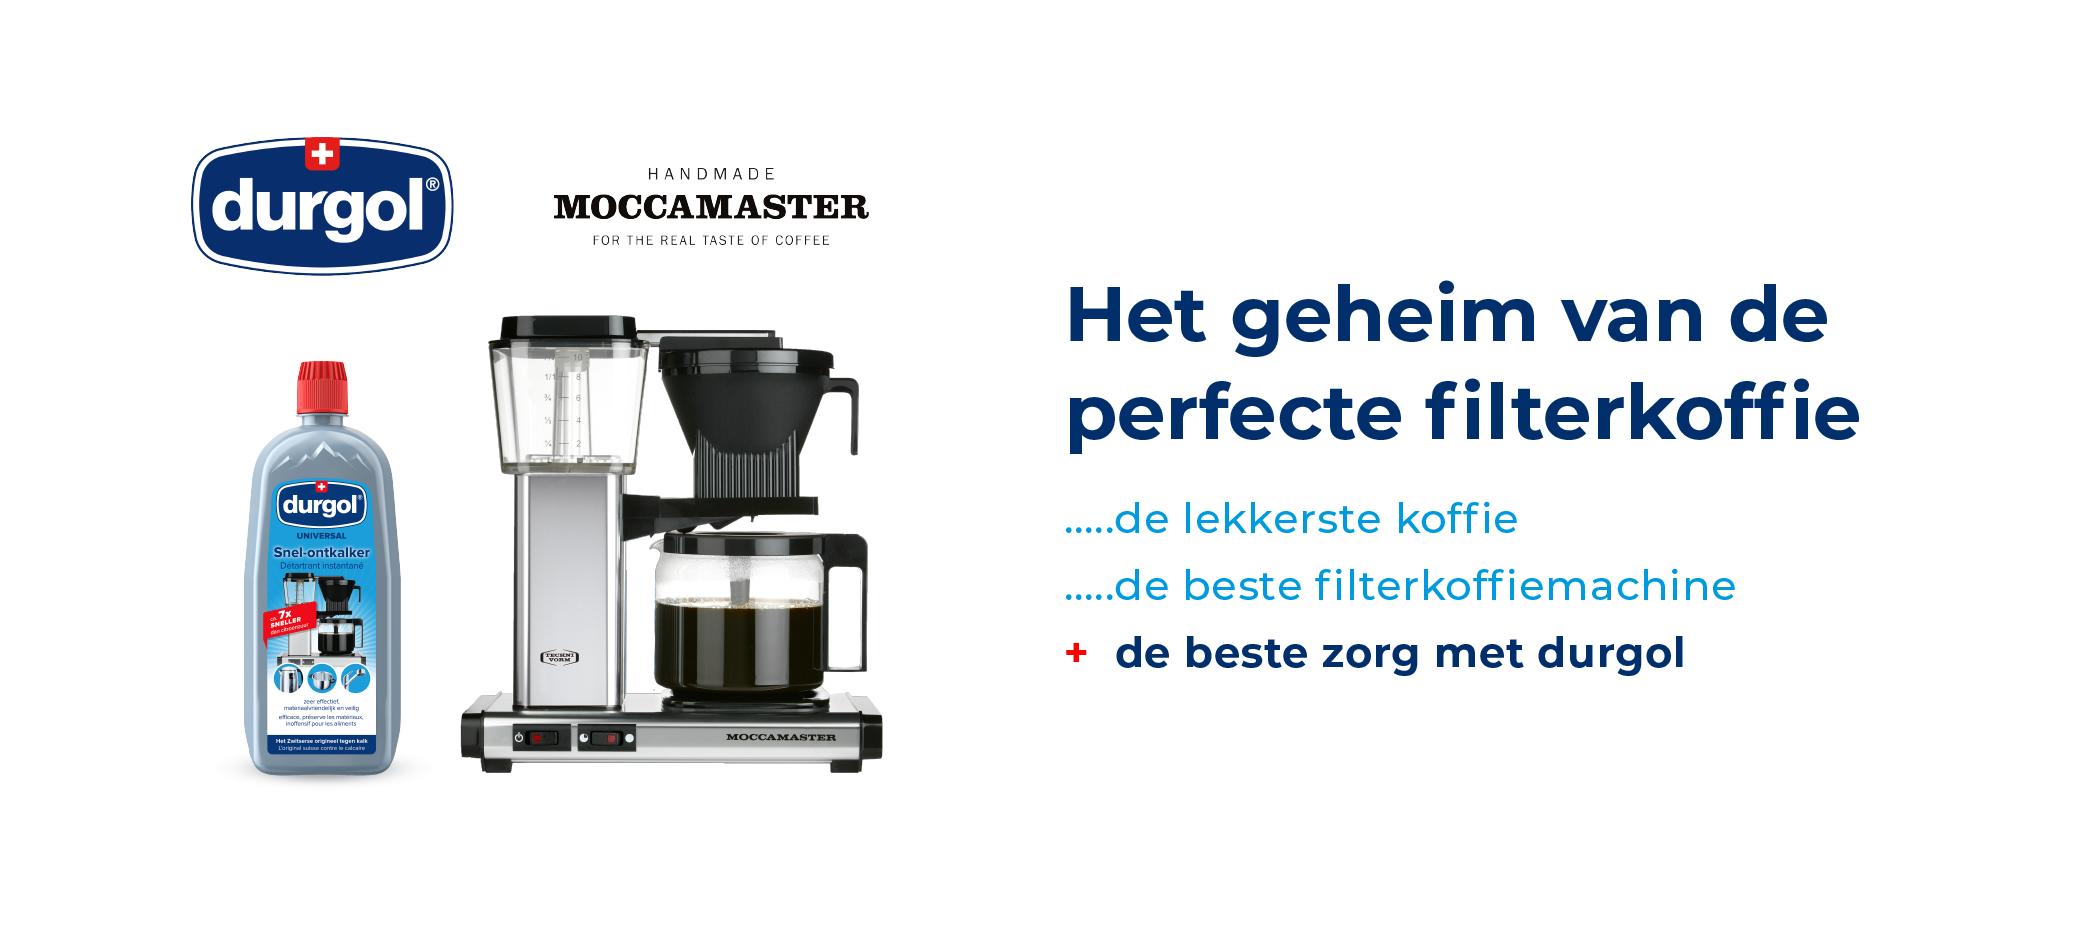 Moccamster & durgol banner: Het geheim van de perfecte koffie...